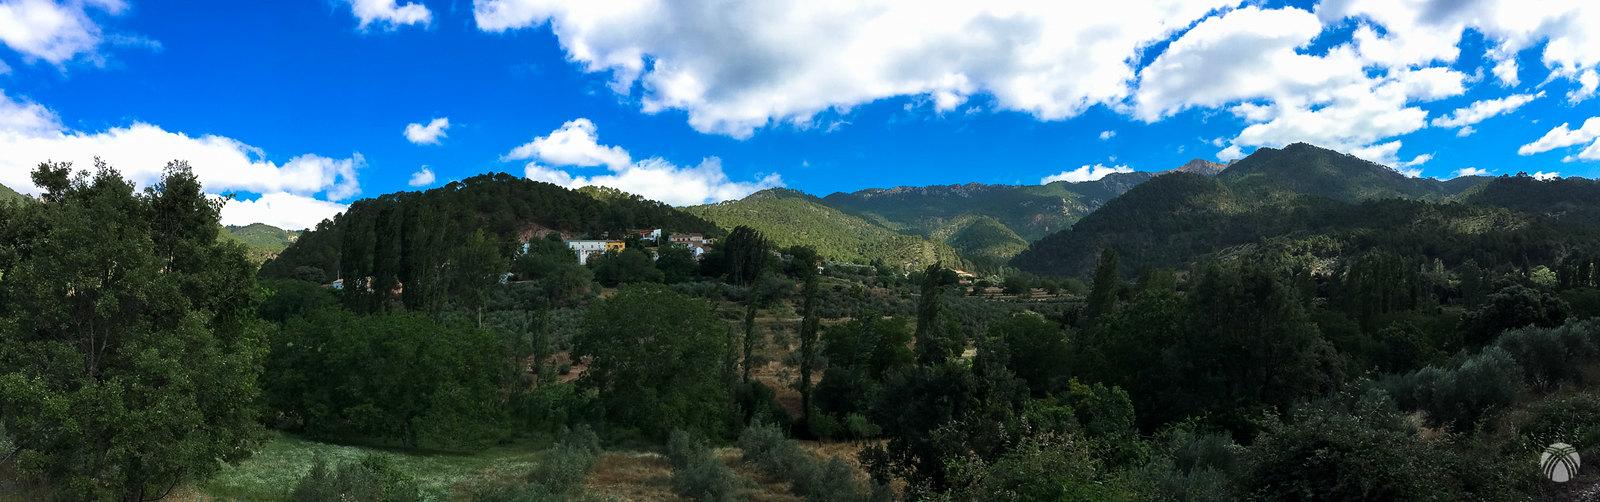 La aldea del Bellotar enmarcada por la Sarga y sus estribaciones